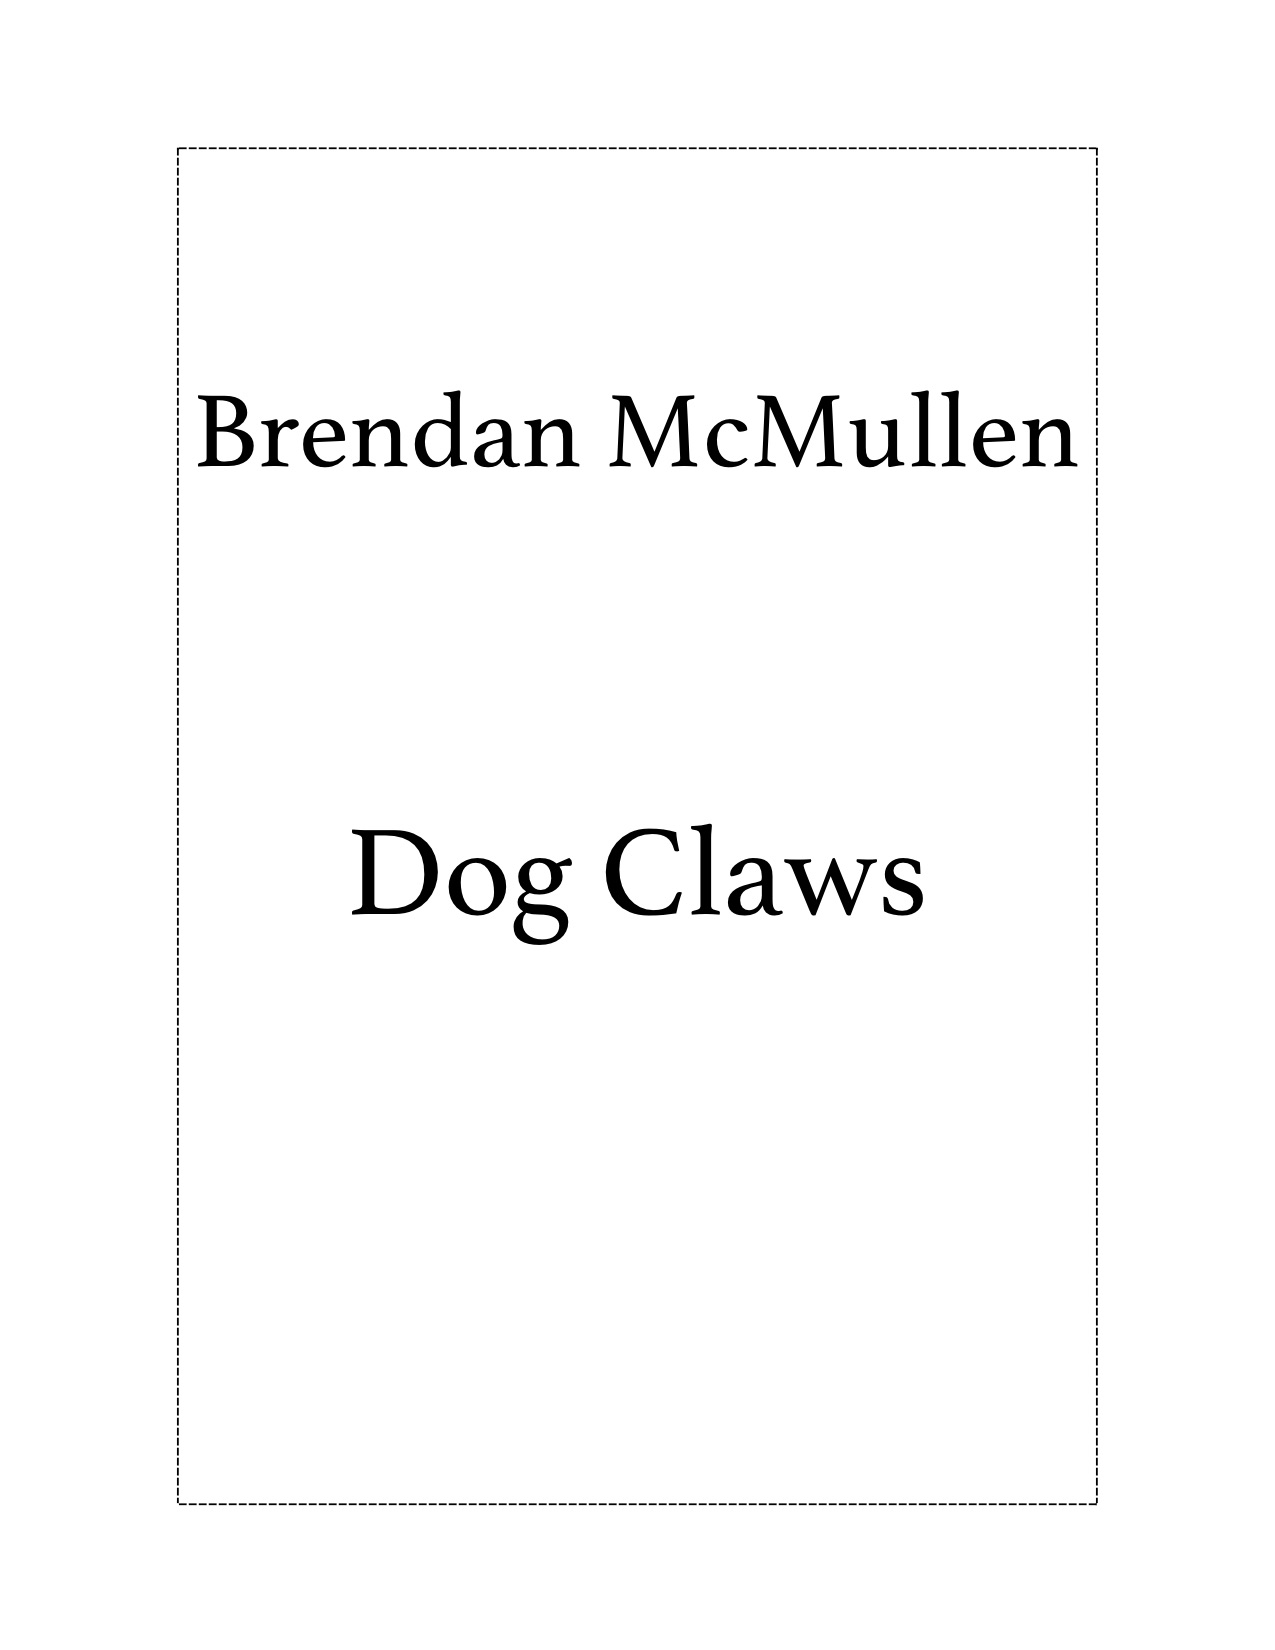 Dog Claws.jpg